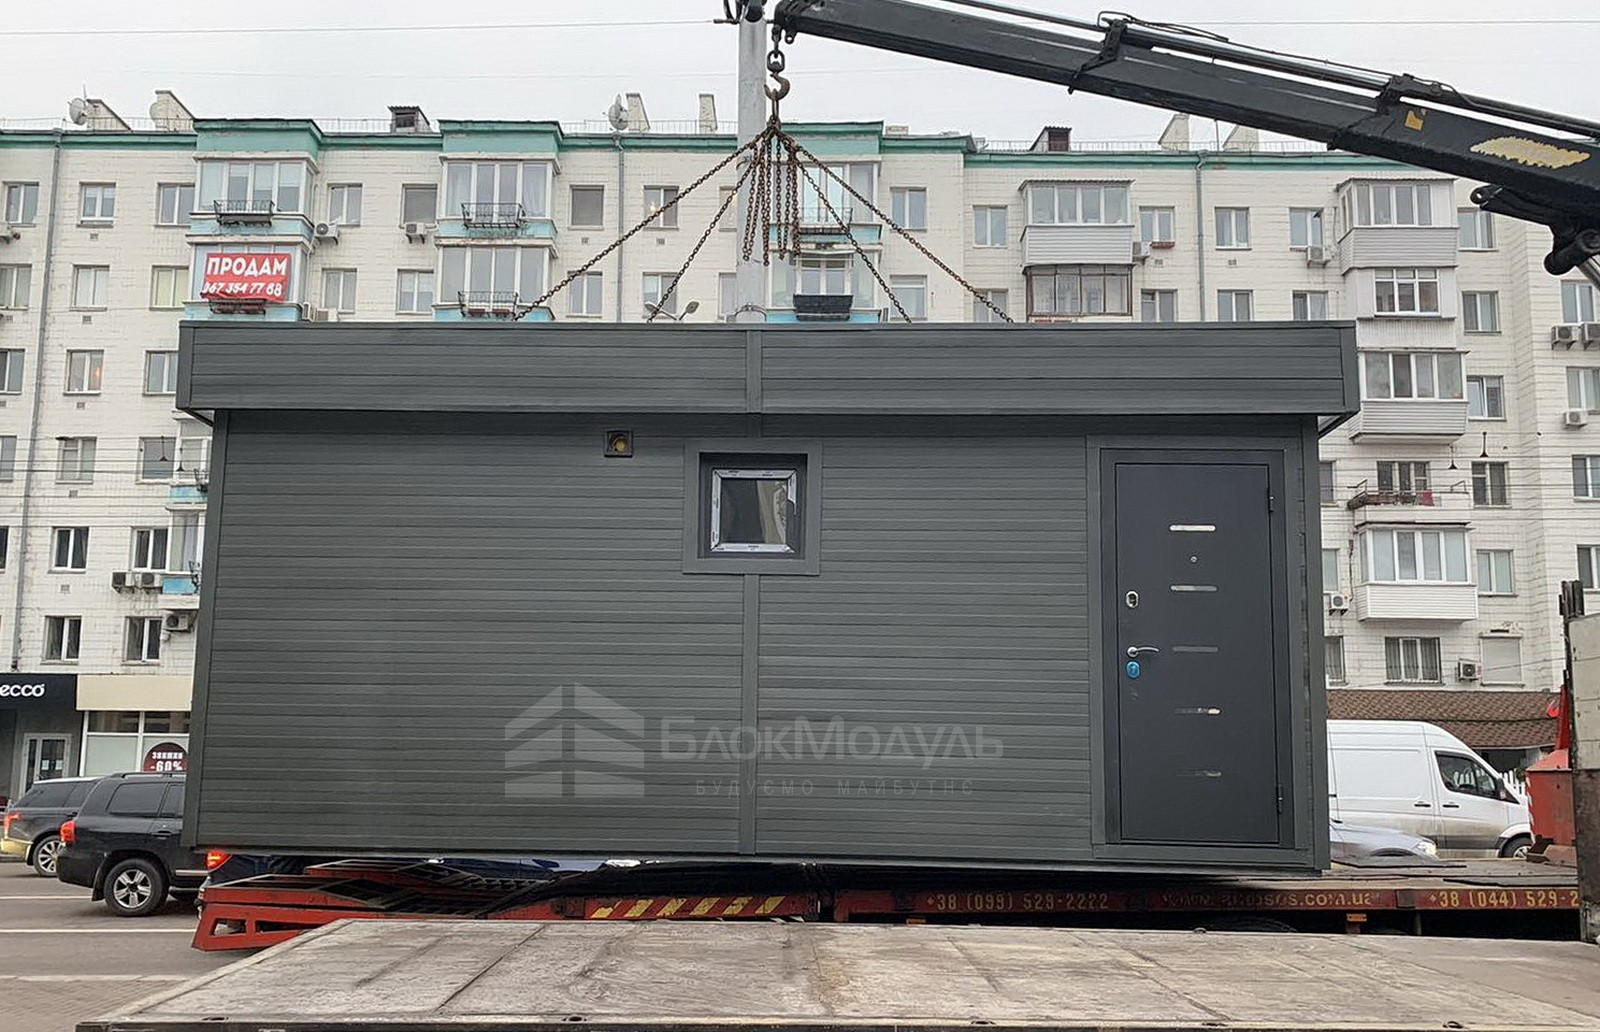 thumb_Модульные туалеты для Дворца Украины - Фото № 2